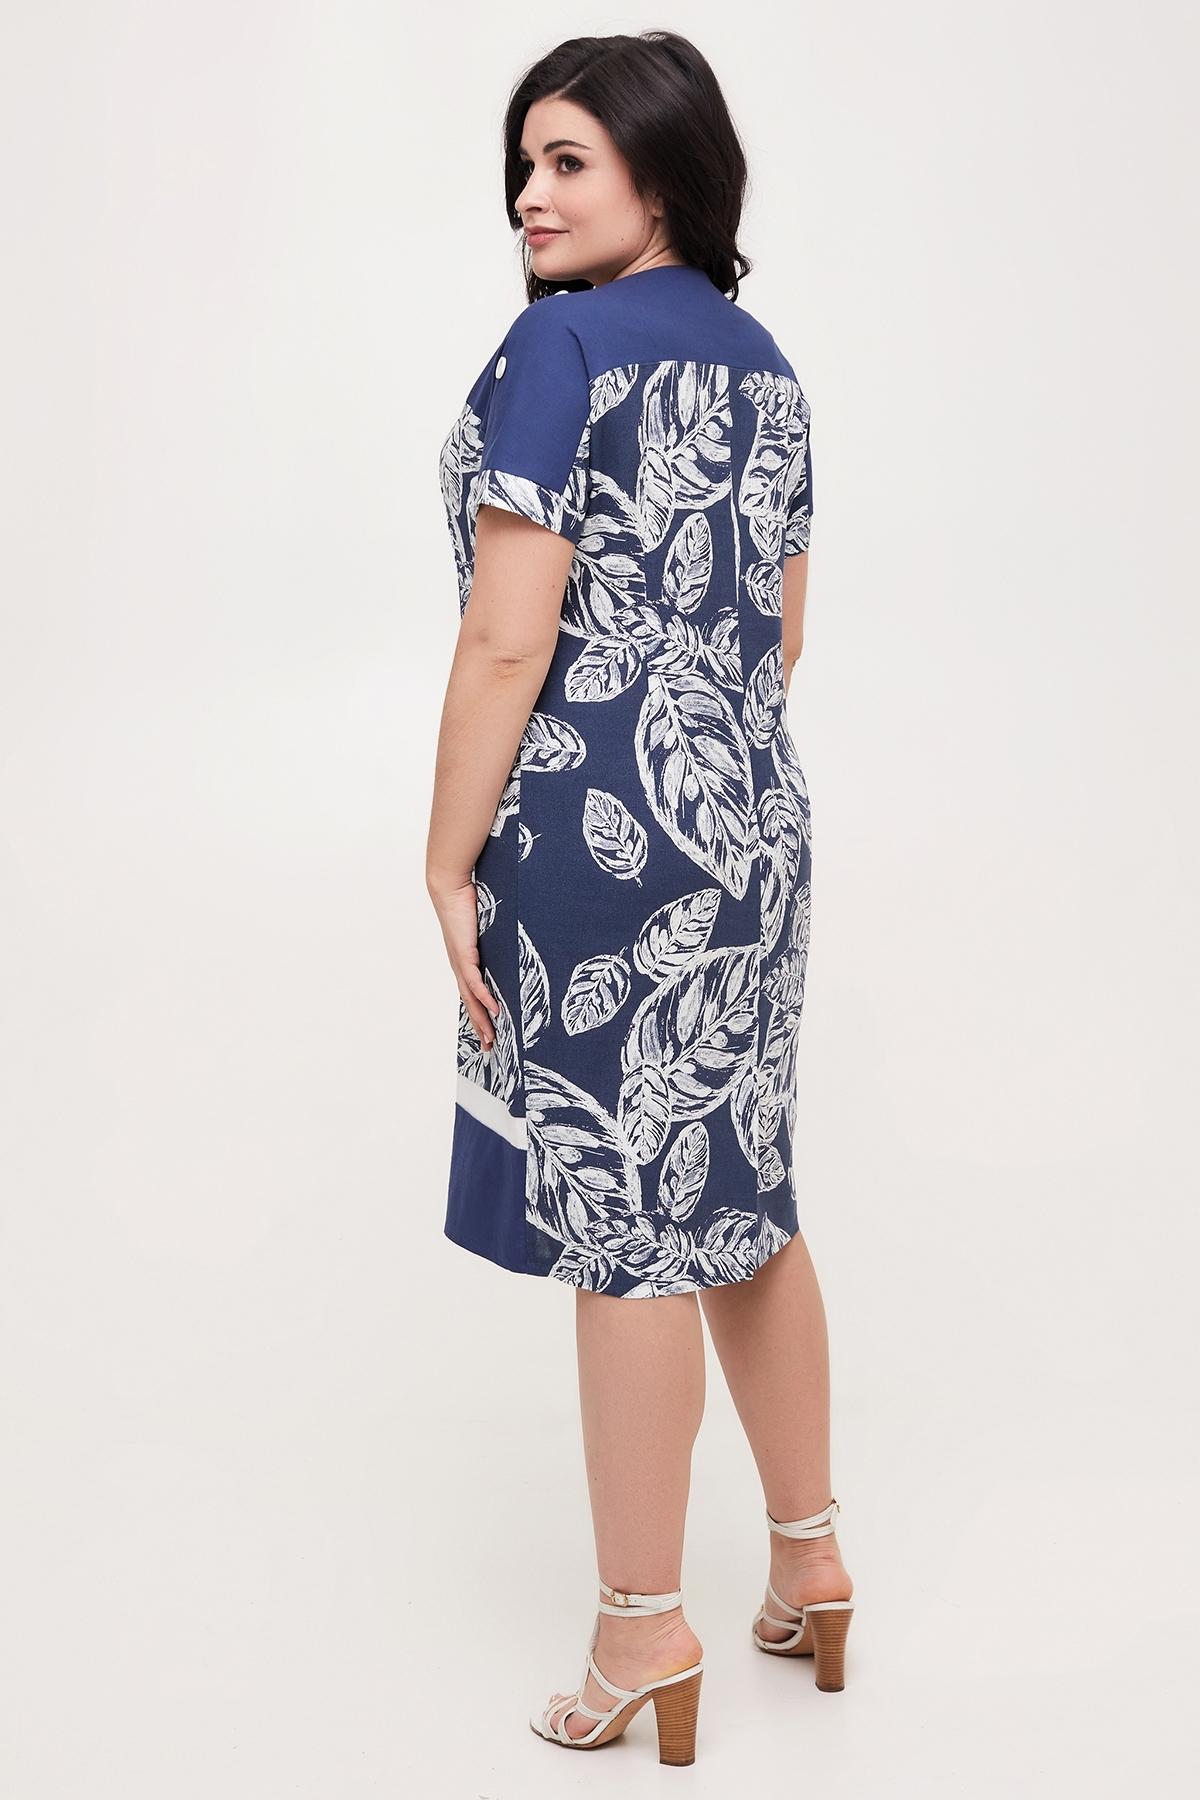 Сукня Анюта (темний джинс)